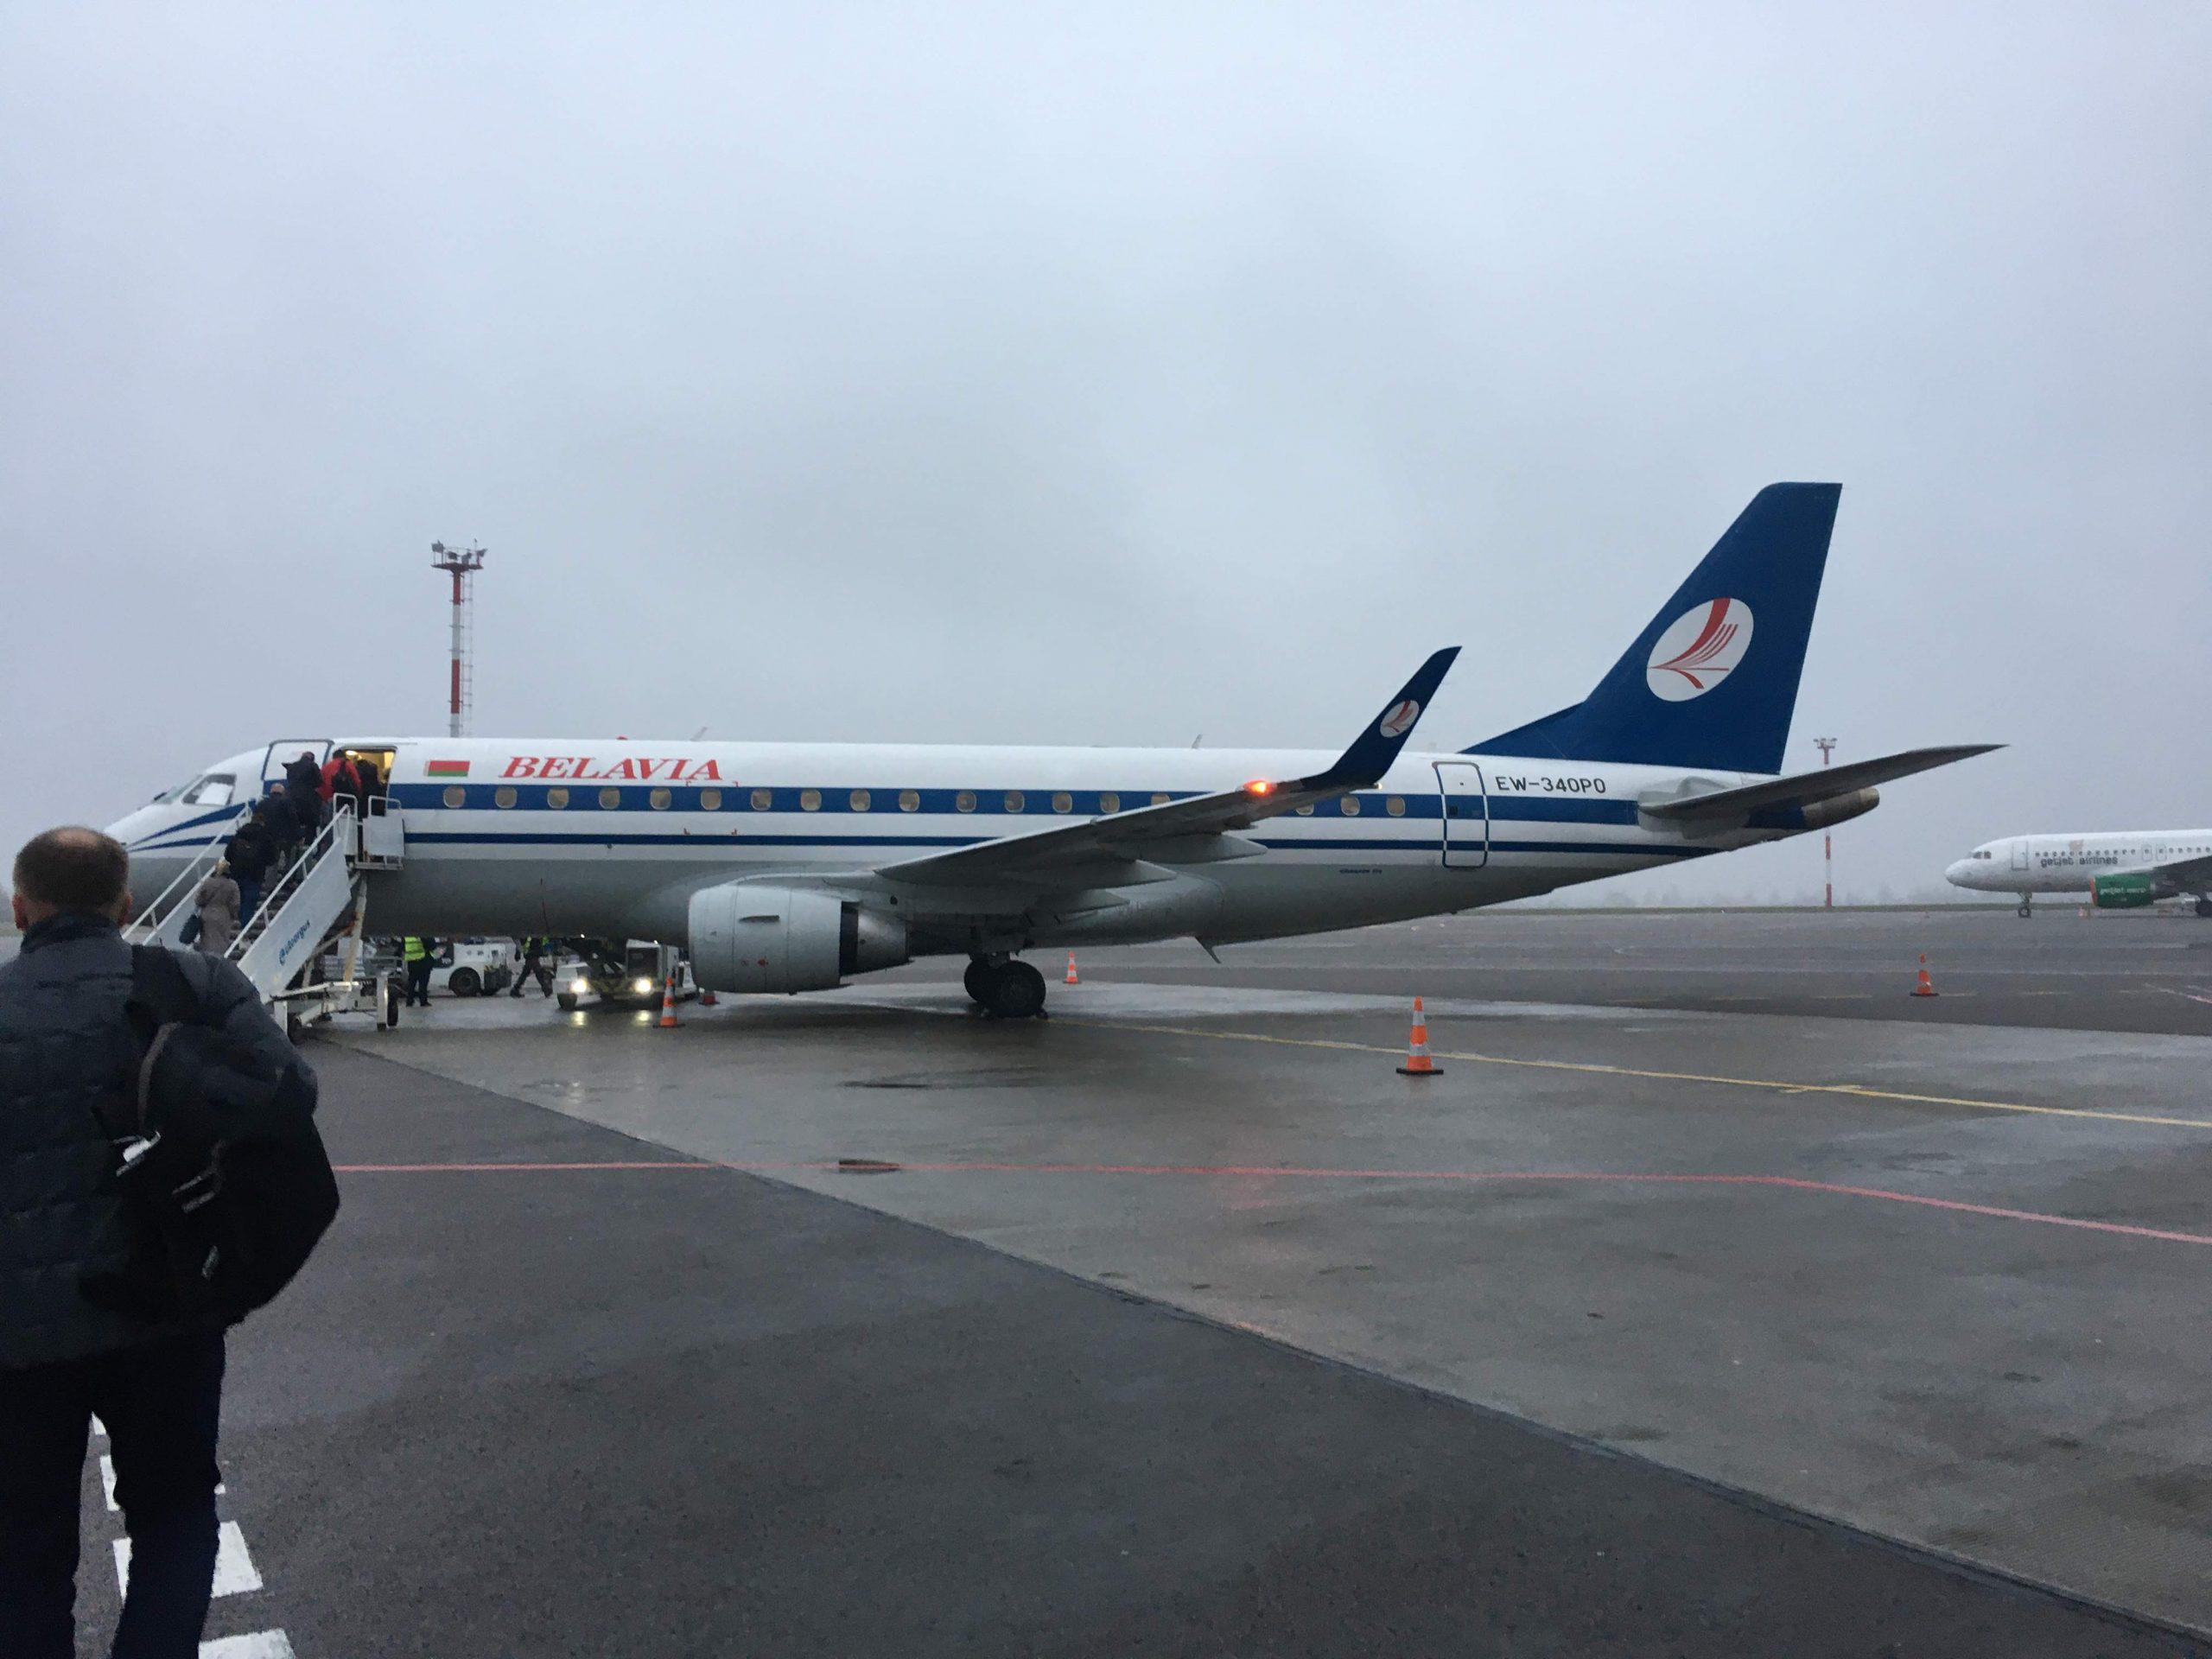 ビリニュスからミンスクへ行くベラヴィア